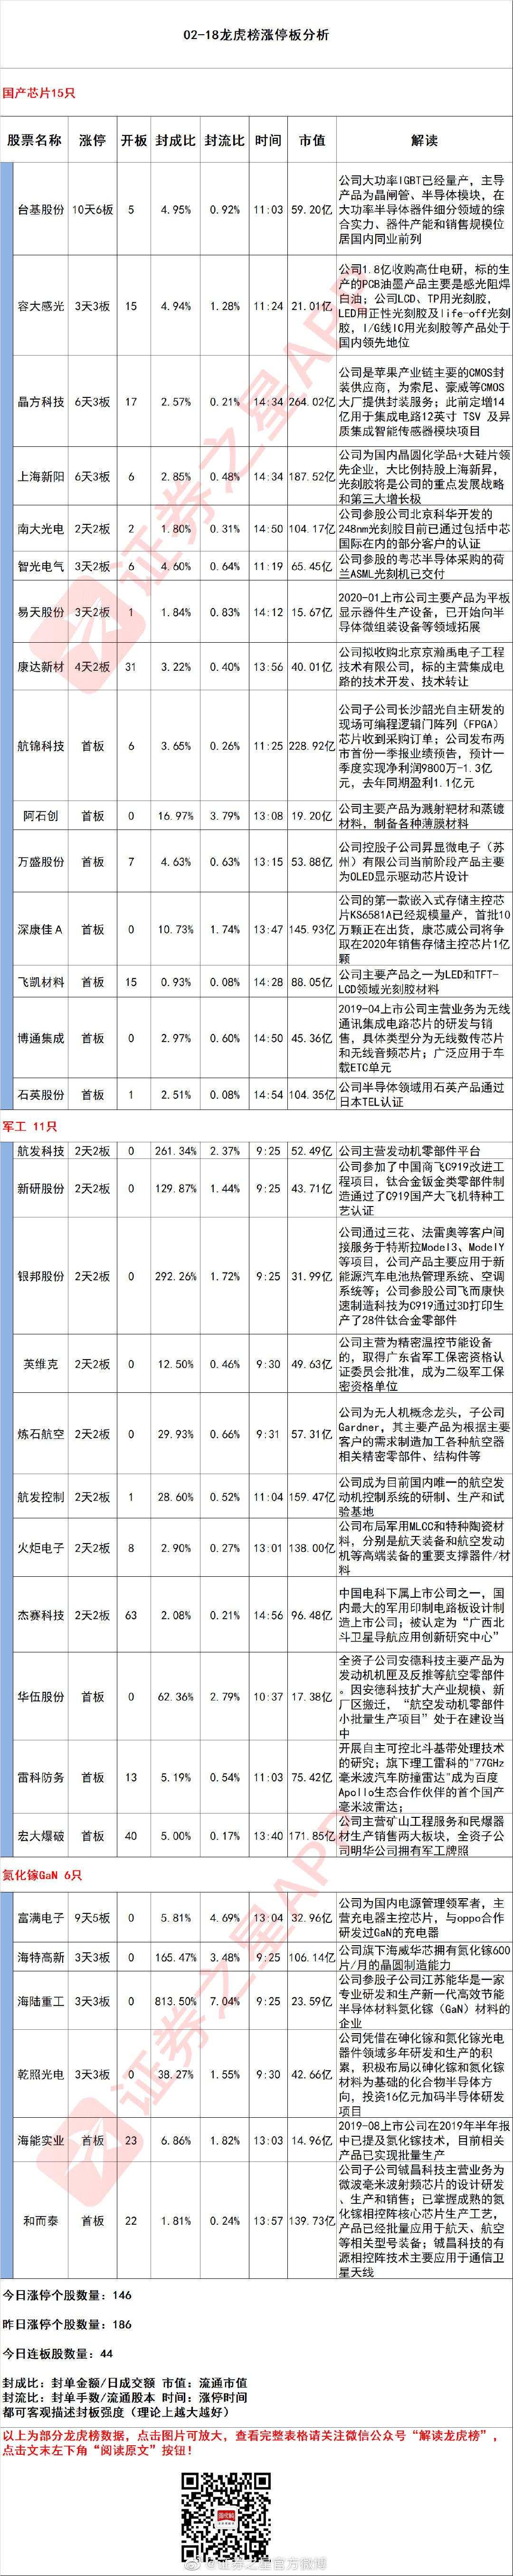 今日龙虎榜涨停分析@新浪证券 @新浪财经 @微博财经